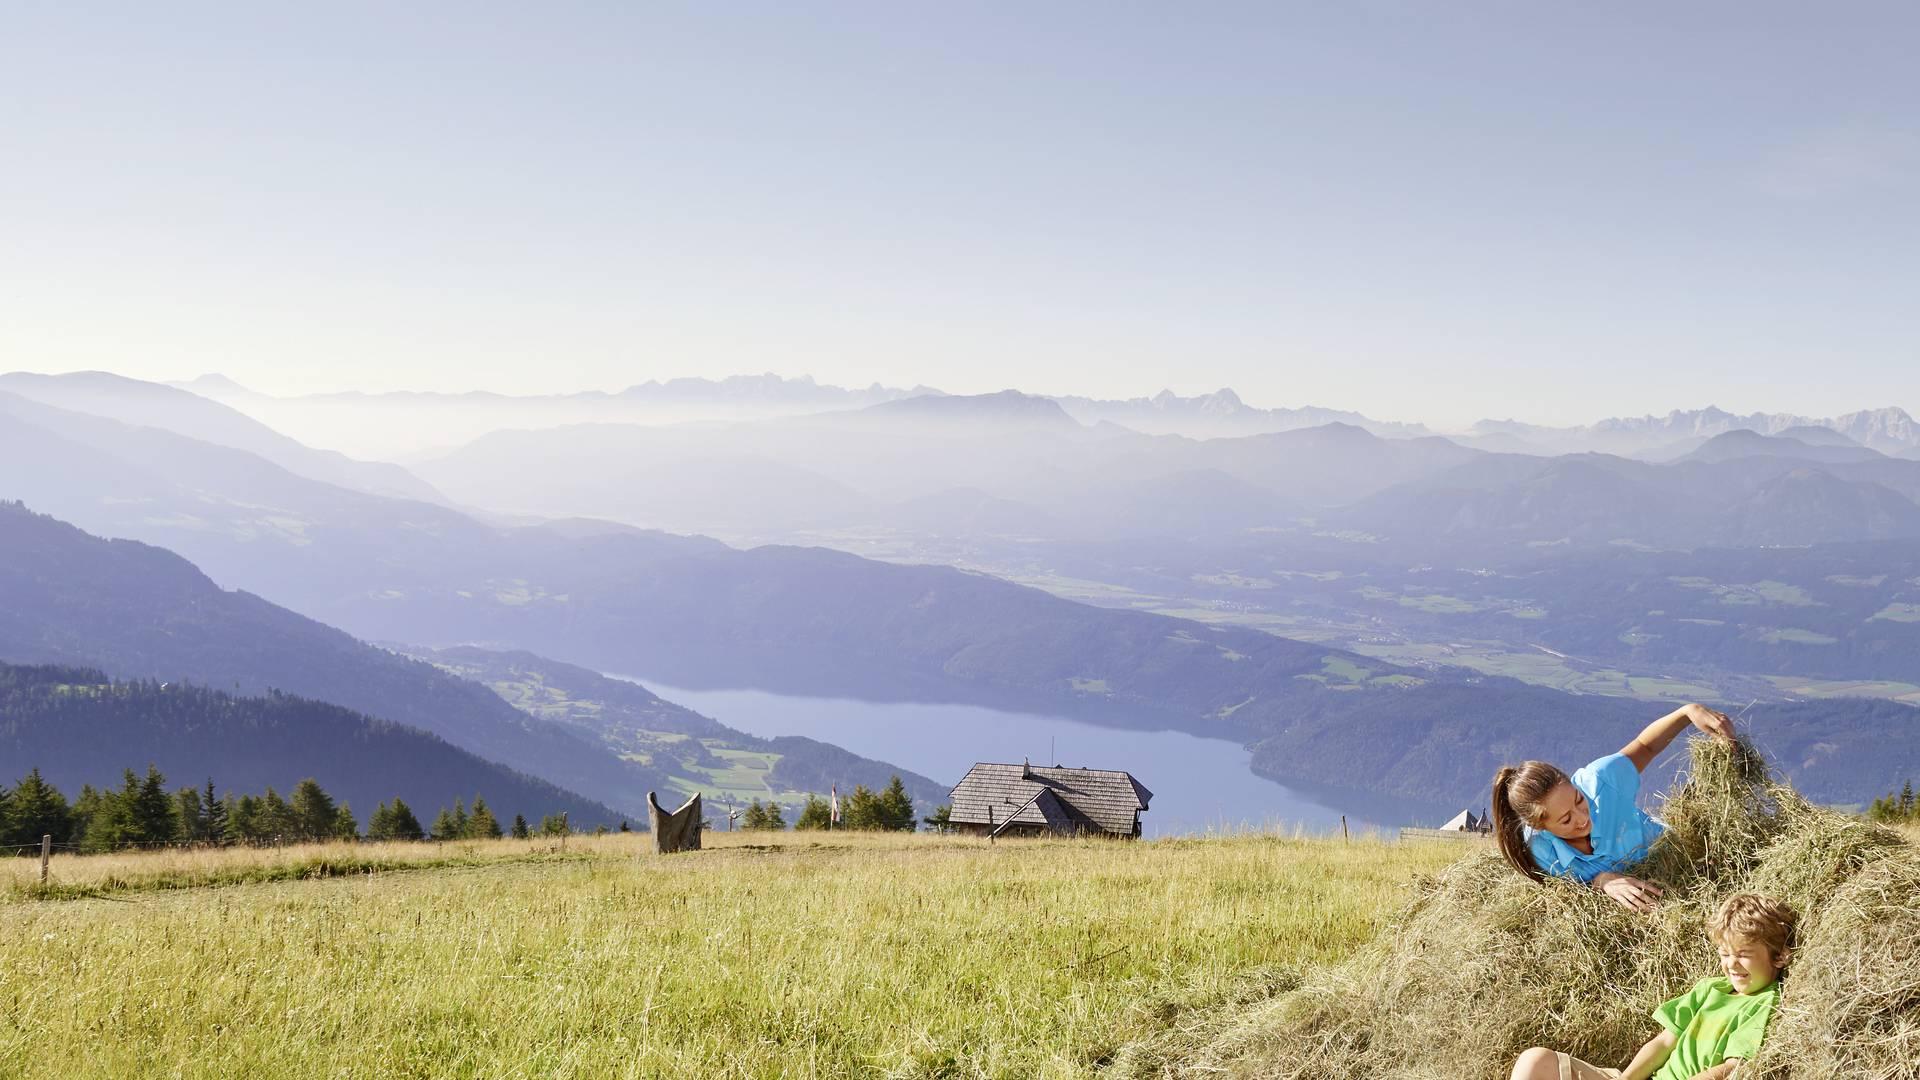 Geschmack der Kindheit - Wandern Millstätter Alpe